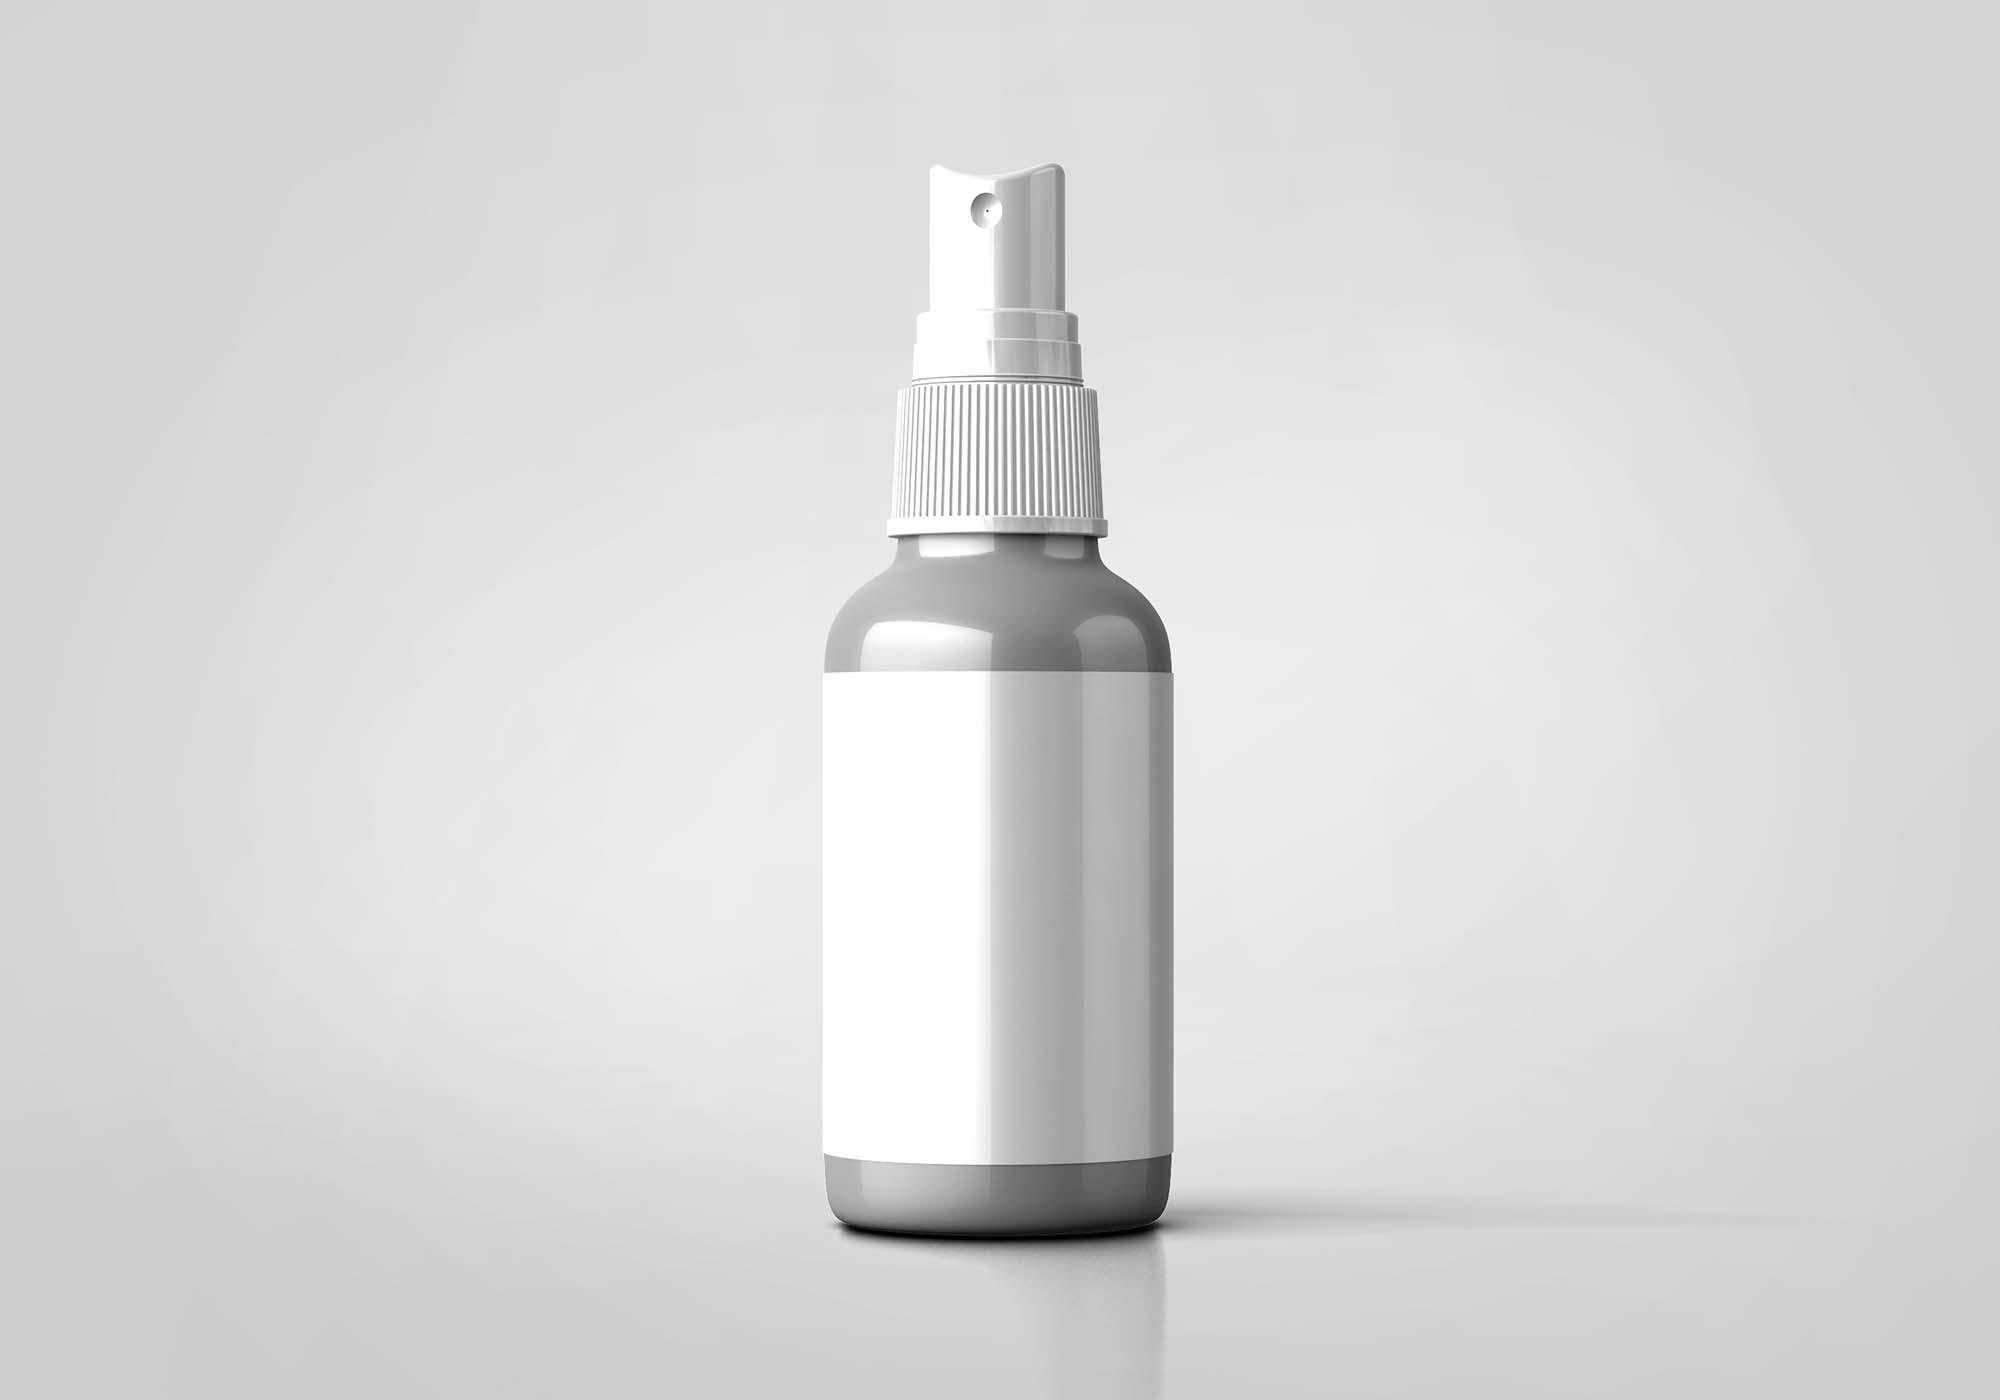 Skin Lotion Bottle Mockup 2